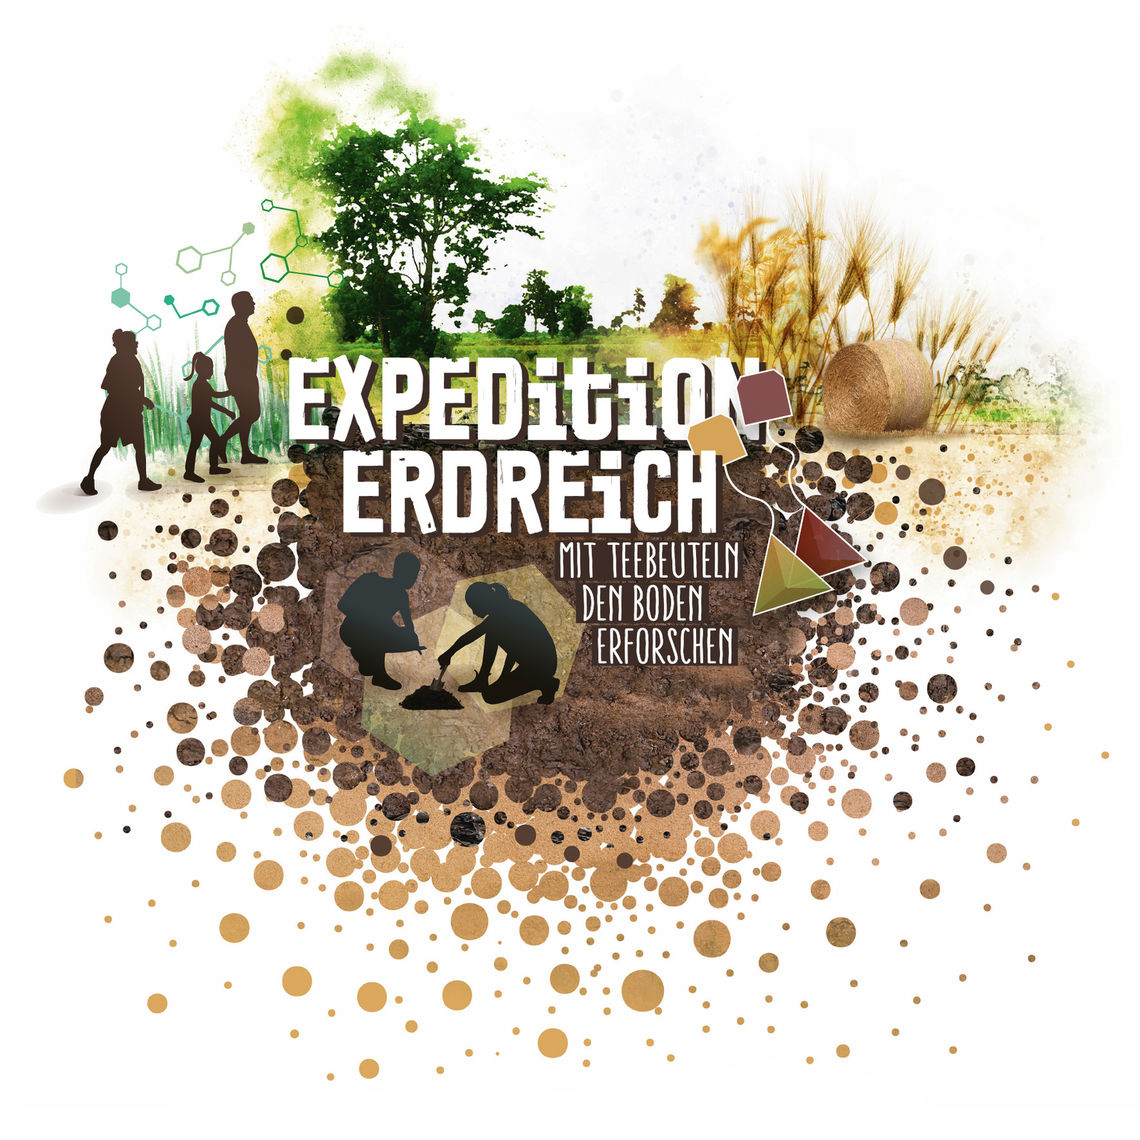 expedition-erdreich-outreach